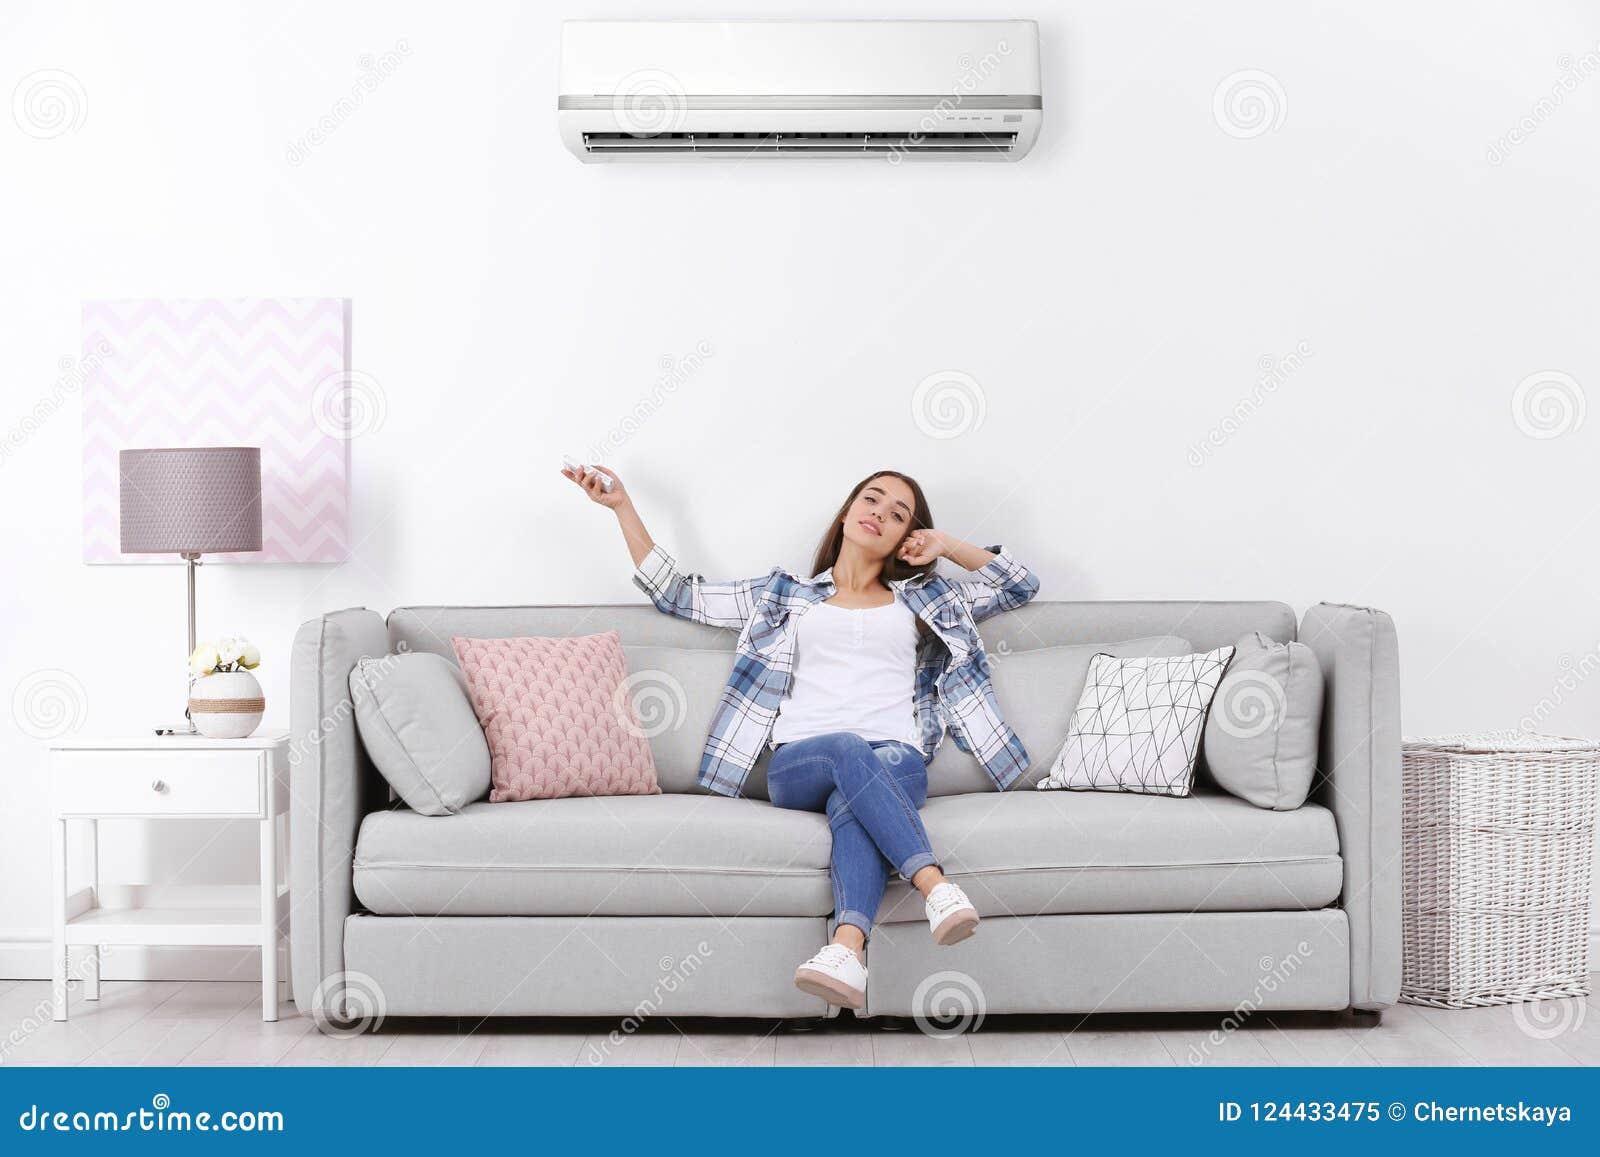 Fungerande luftkonditioneringsapparat för ung kvinna, medan sitta